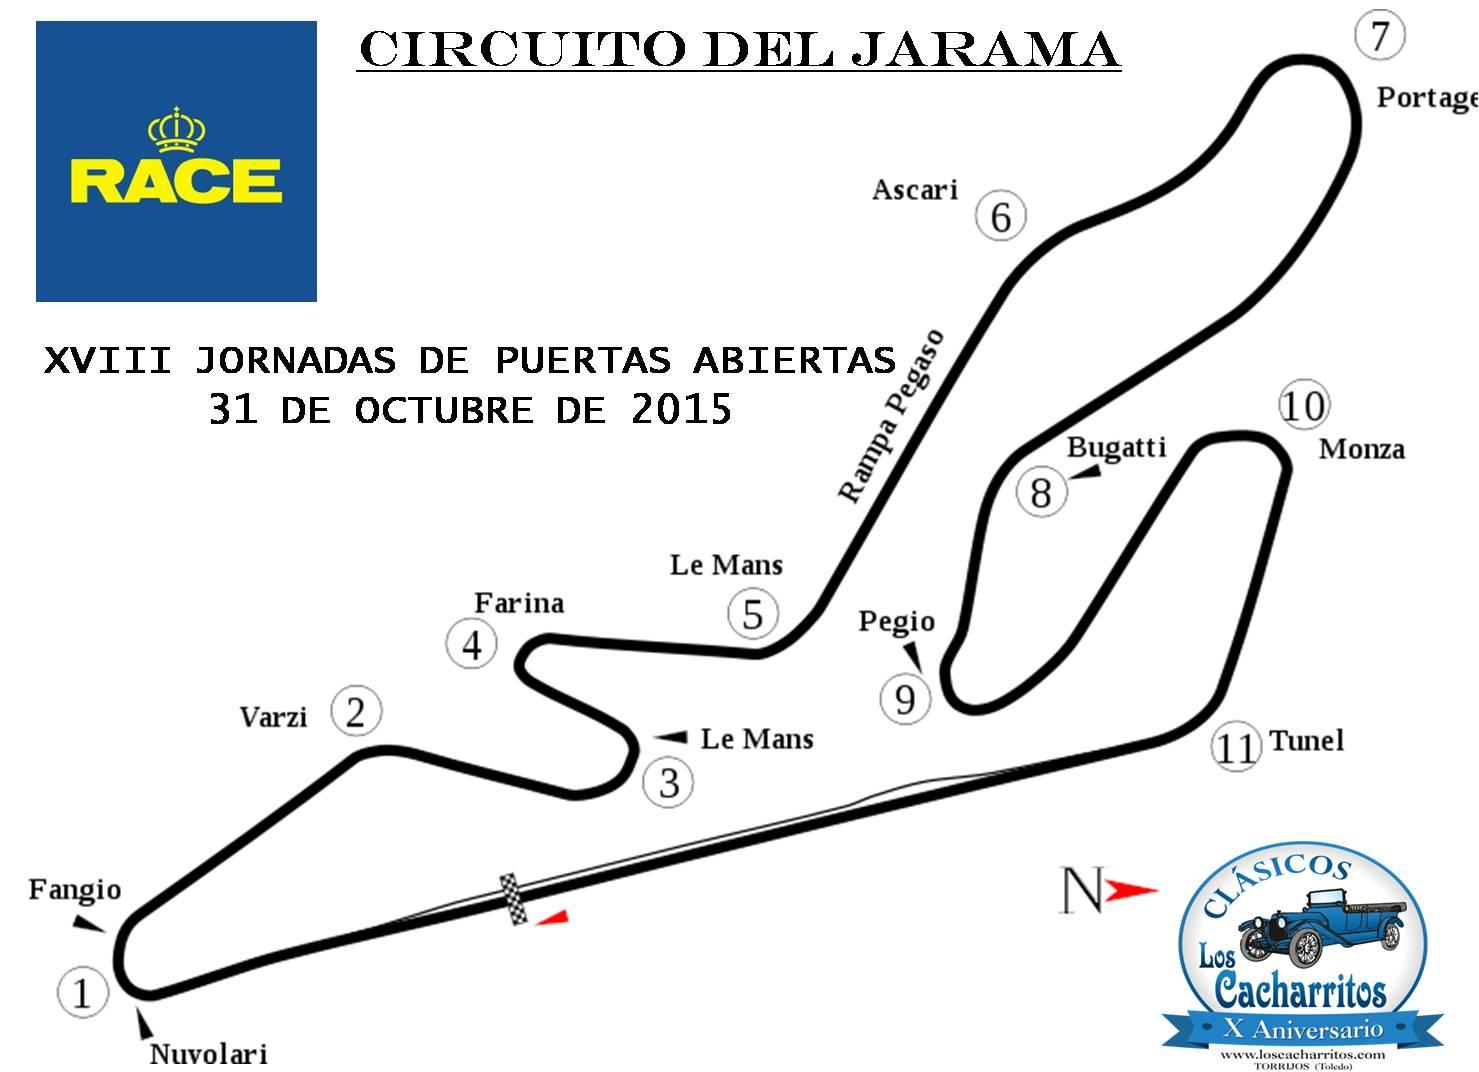 Circuito Del Jarama : Xviii jornadas de puerta abiertas del circuito del jarama